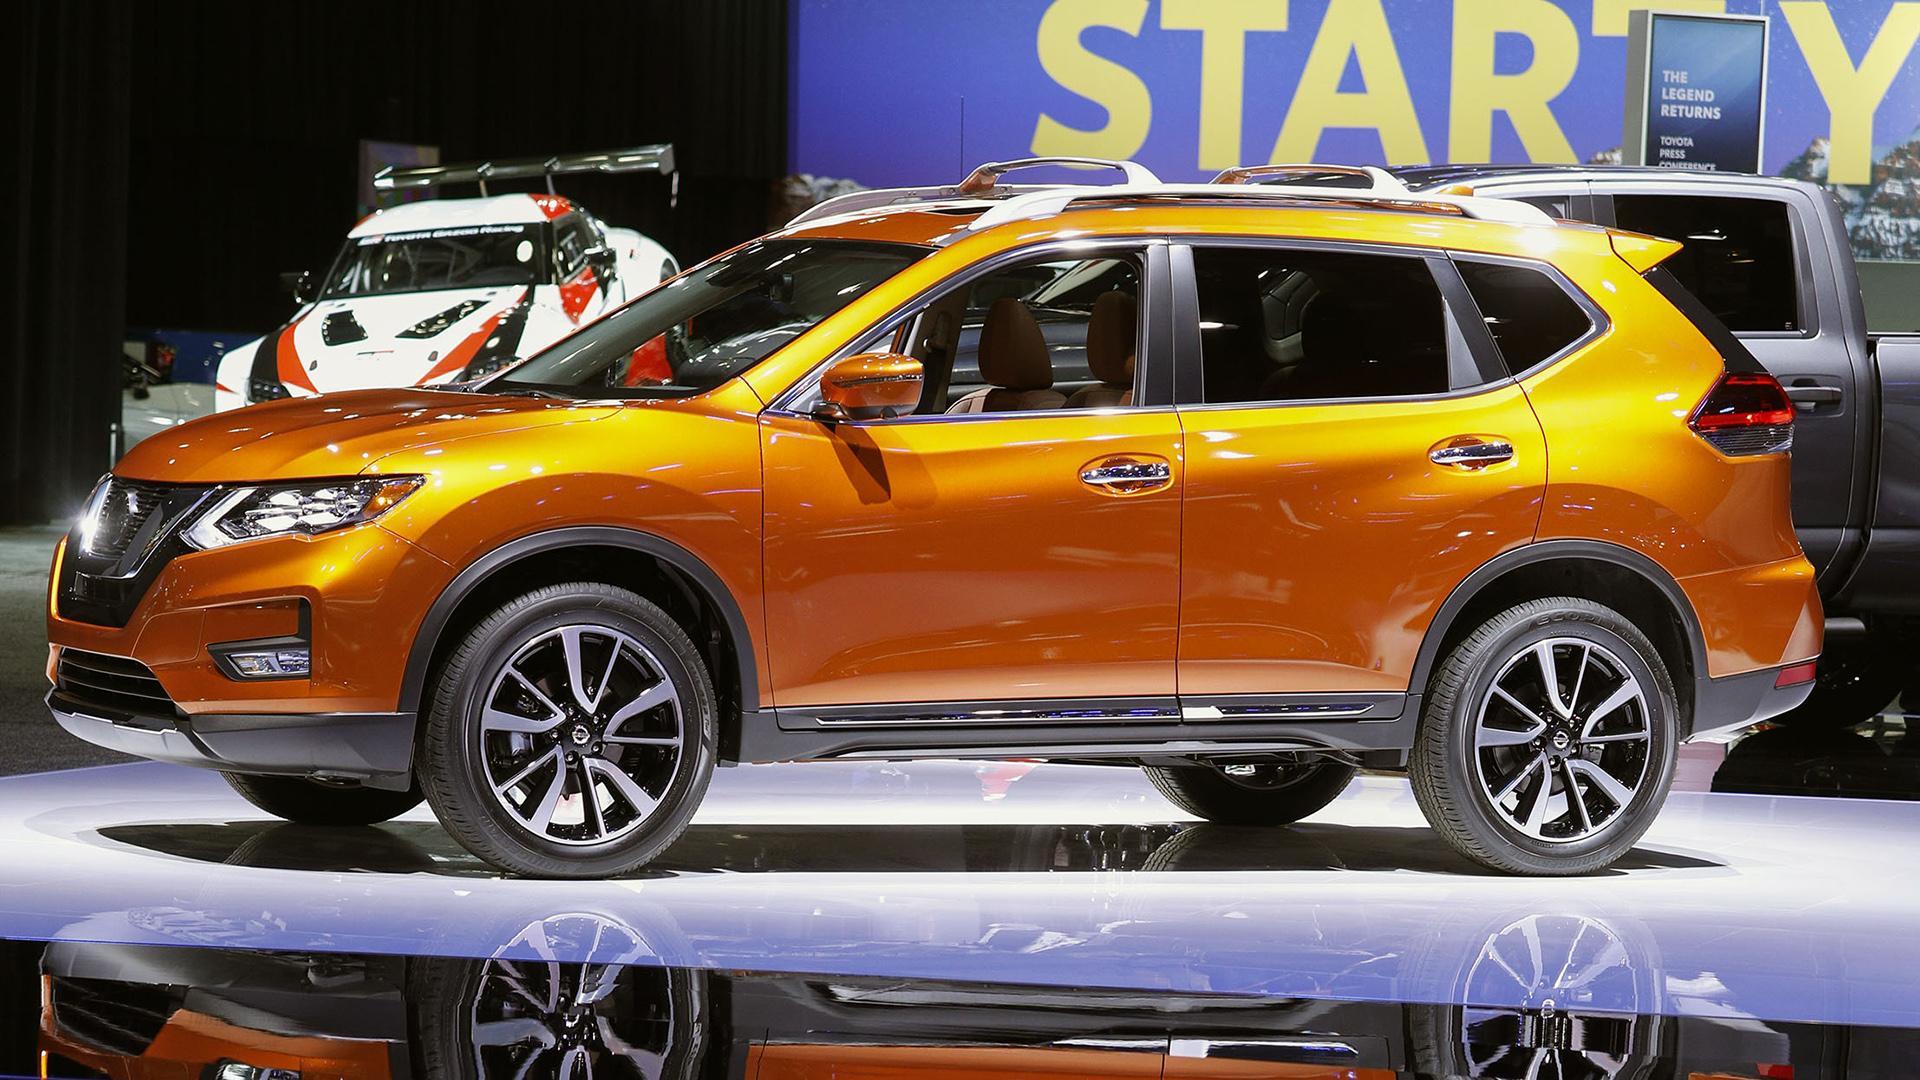 La exposición de Nissan se exhibe en el Salón Internacional del Automóvil de Norteamérica el 14 de enero de 2019 en Detroit, Michigan. (AFP)